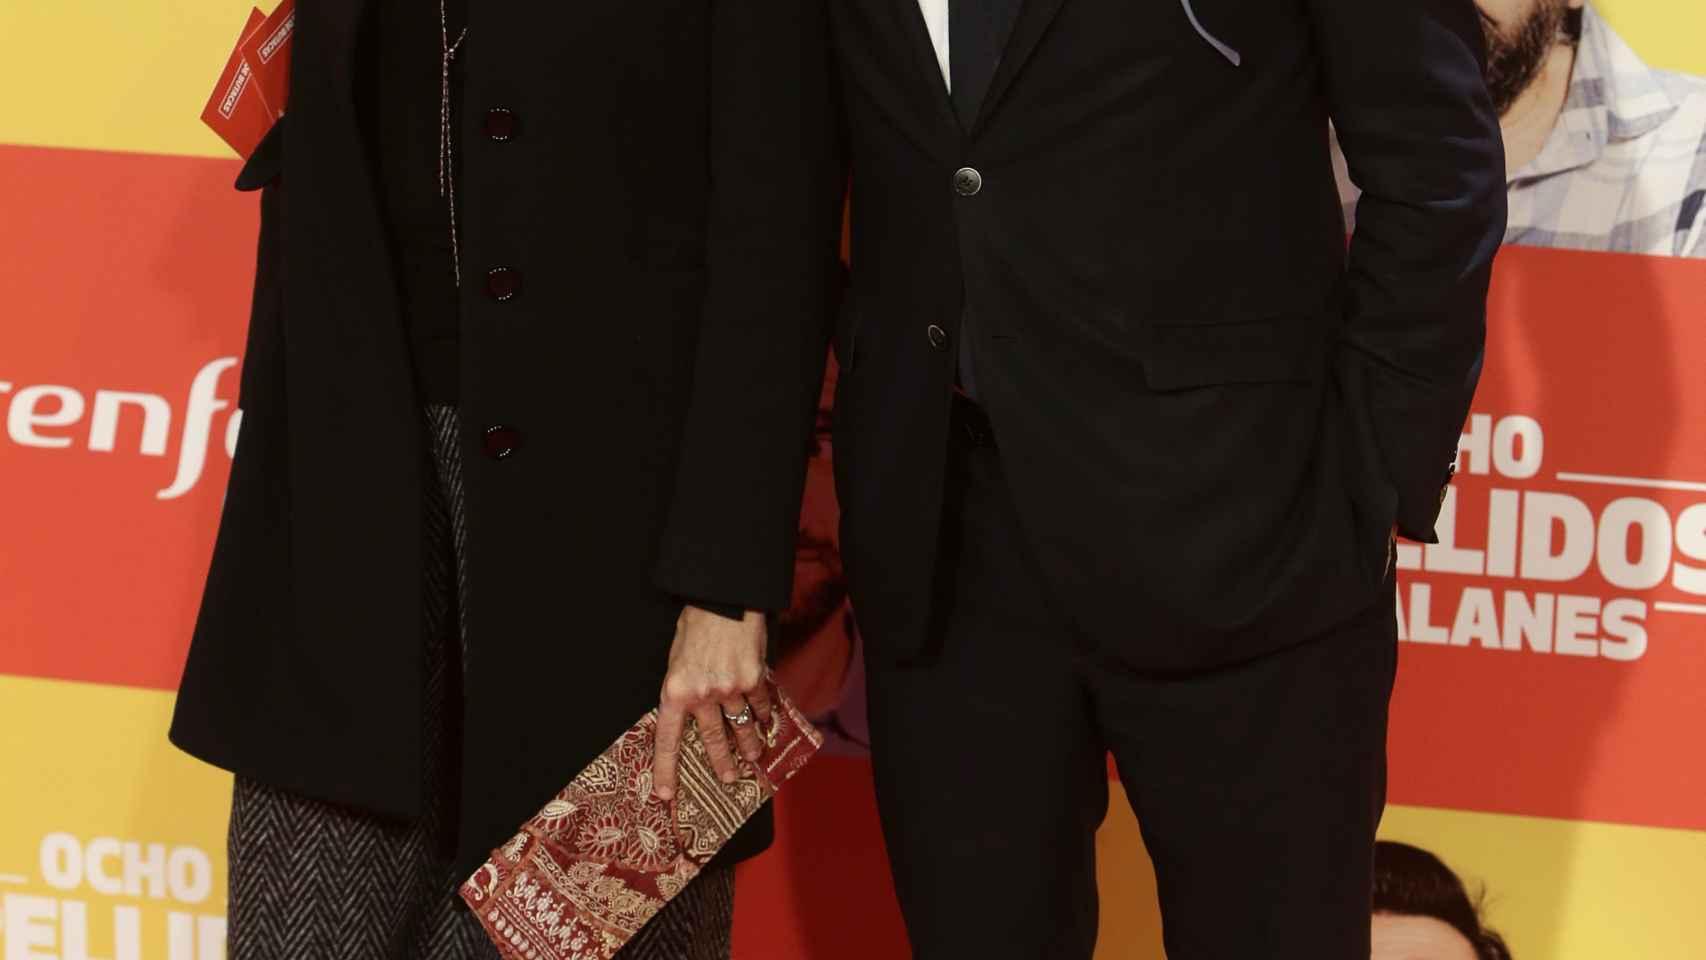 Jorge Moragas y su mujer también aprovecharon el estreno para posar en el photocall